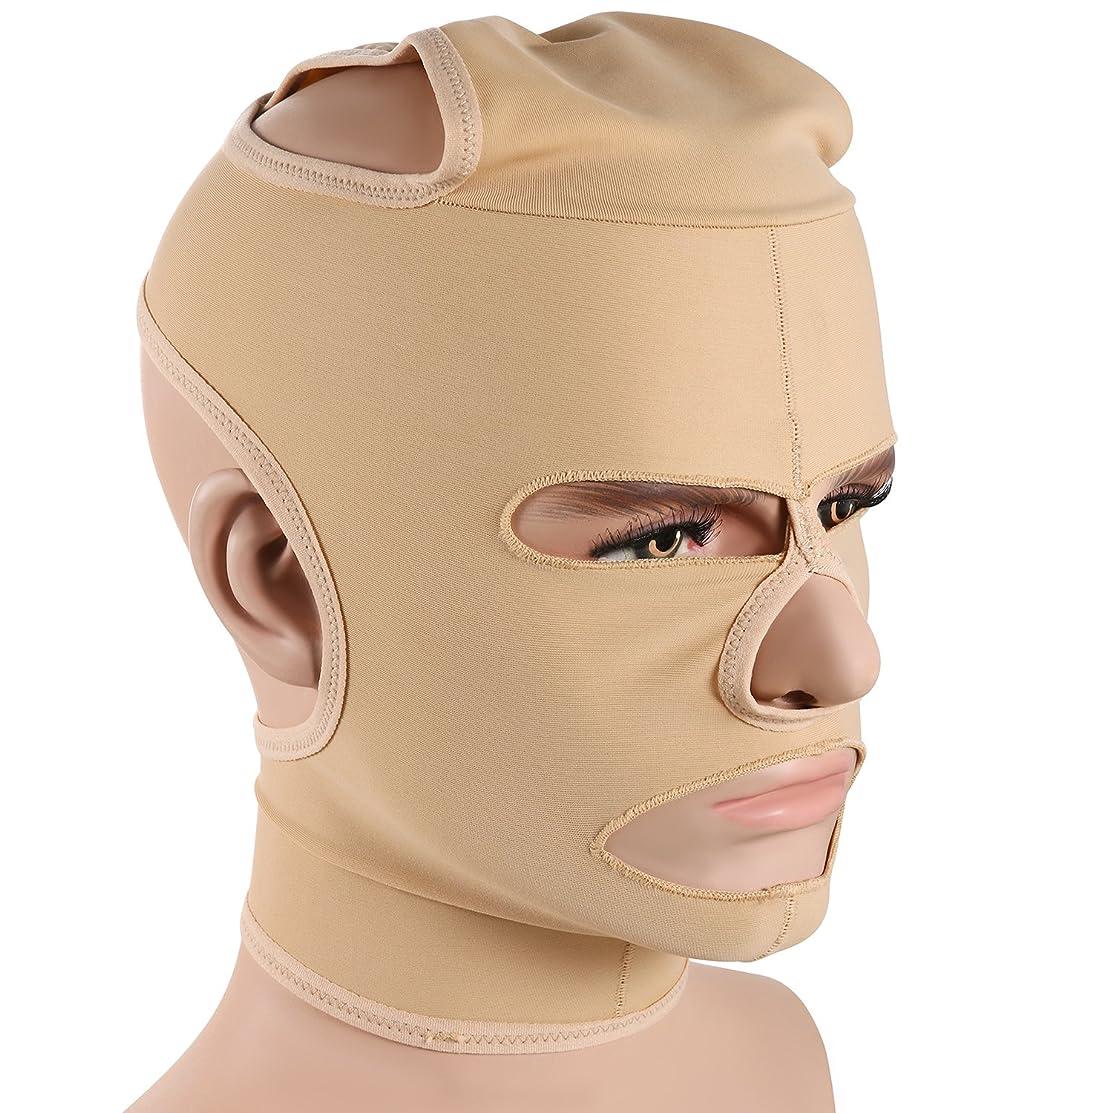 上下する治療瀬戸際JewelryWe 小顔補正マスク 小顔ベルト 法令線予防 シワ防止 美顔 額、顎下、頬リフトアップ 男女兼用 Lサイズ